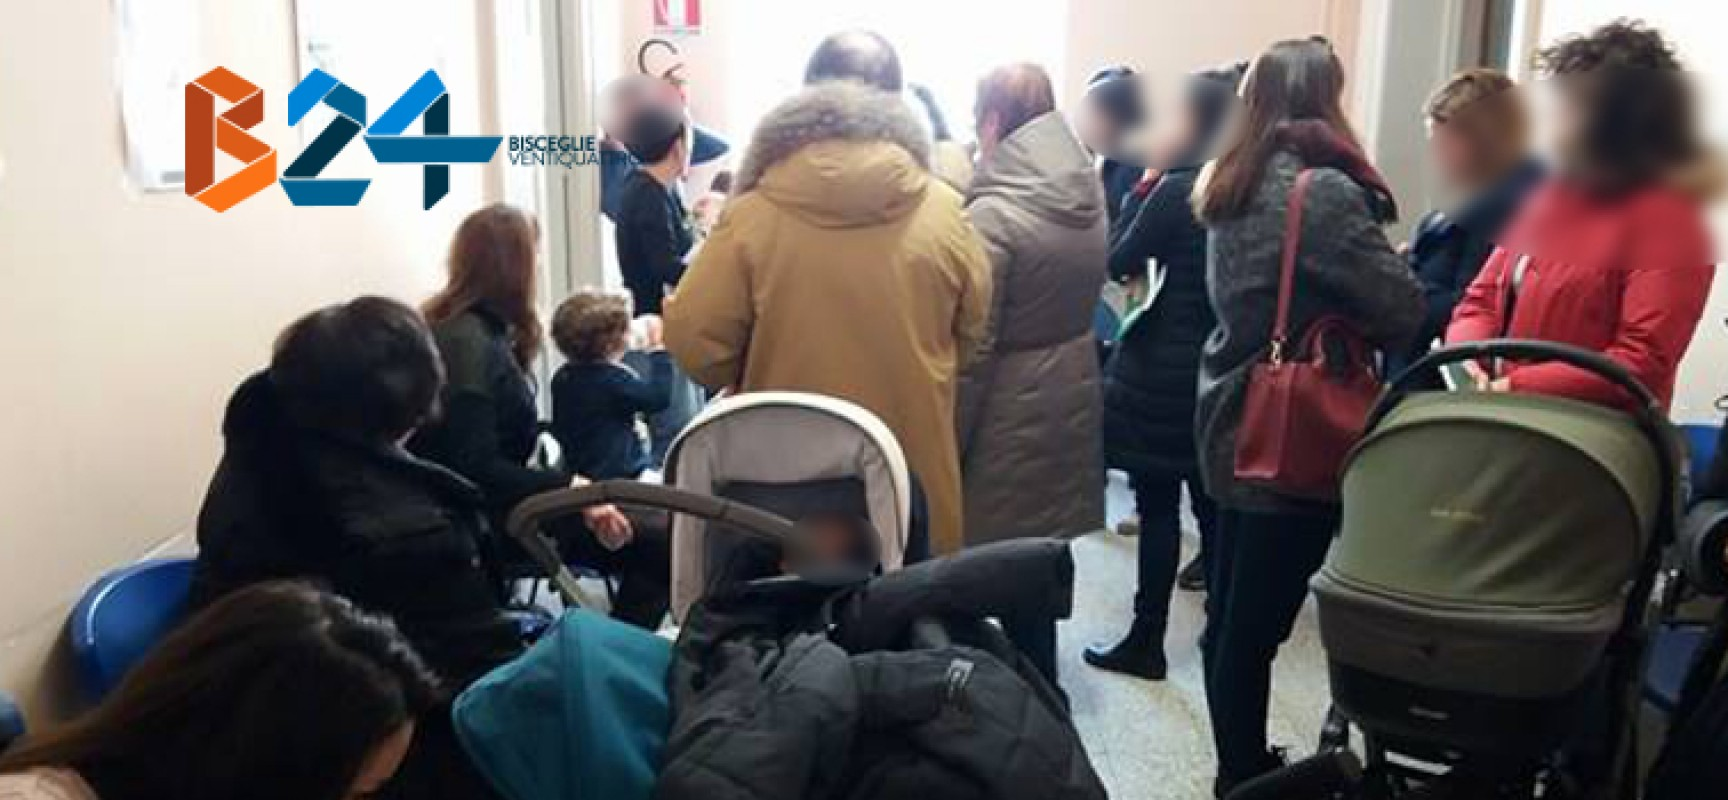 Lunghe code e proteste dei genitori alla sala vaccinazioni